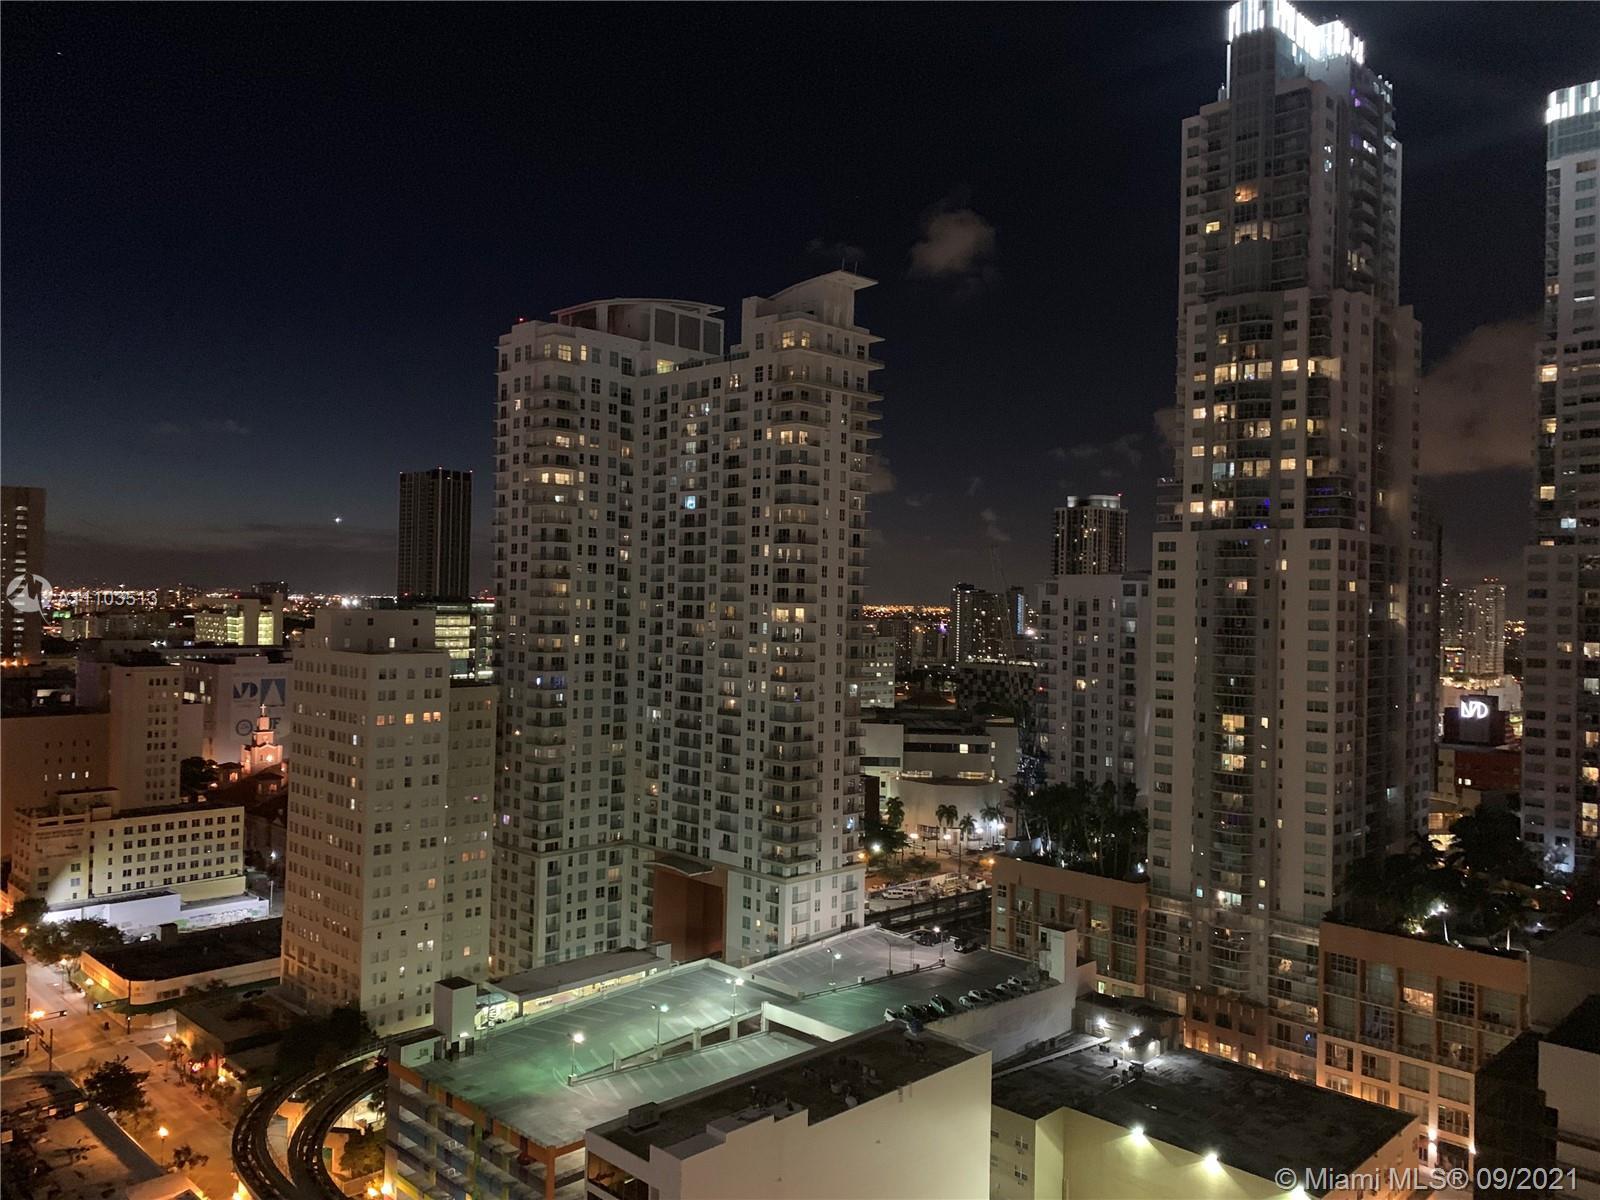 50 Biscayne #2507 - 50 Biscayne Blvd #2507, Miami, FL 33132